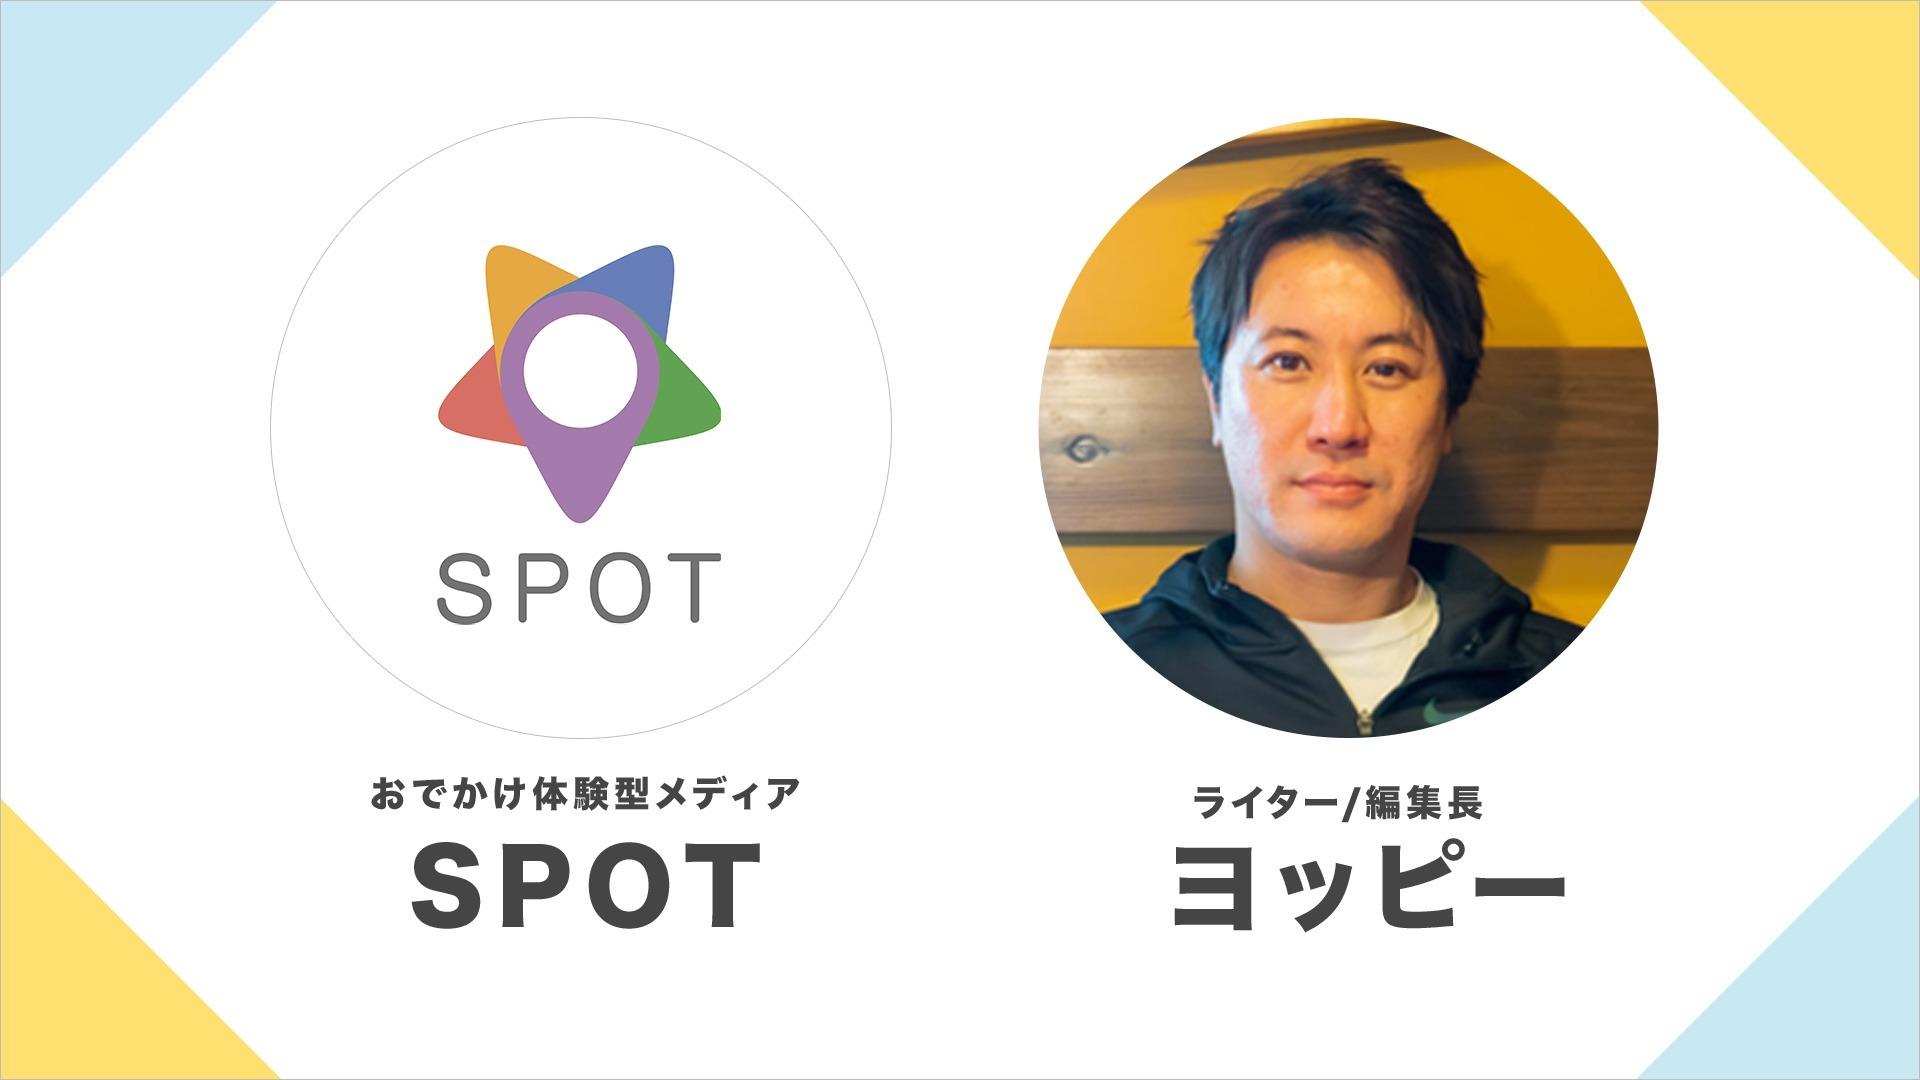 ヨッピー(おでかけ体験型メディア SPOT編集長)